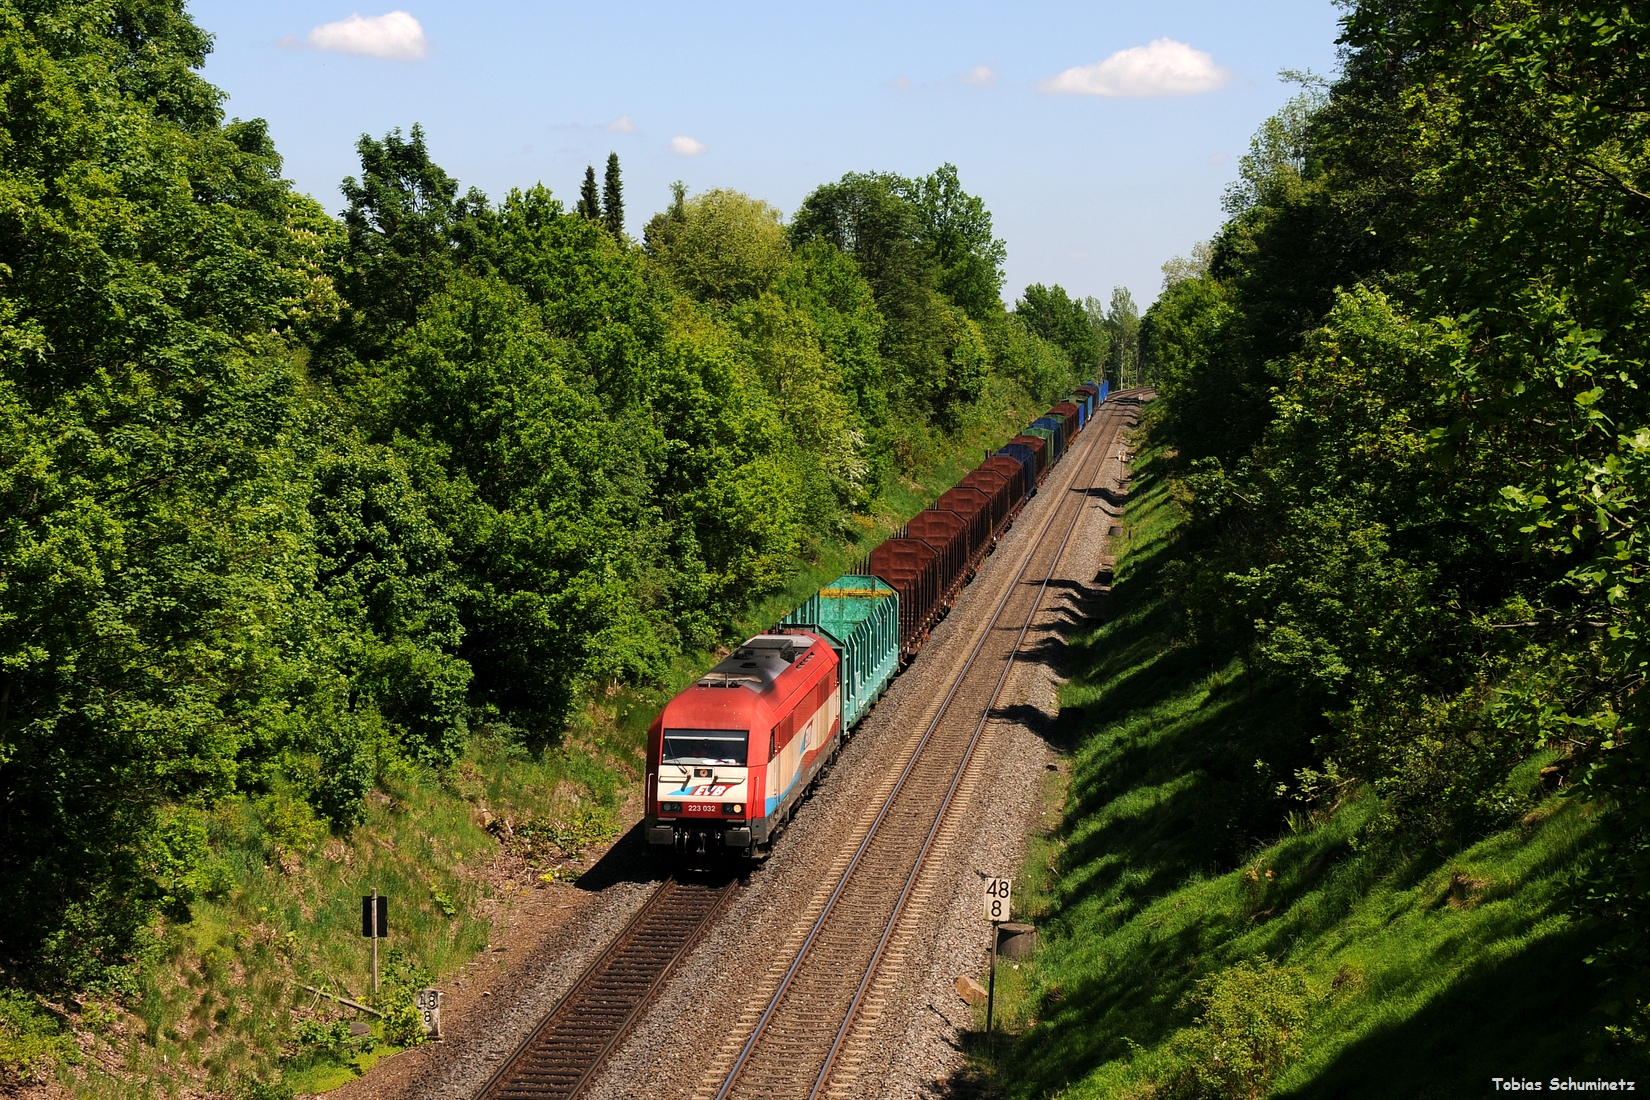 Die EVB 223 032 kam auch noch mit einem leeren Holzzug in Richtung Cheb gefahren und wurde kurz vor Marktredweitz auf den Chip gebannt.